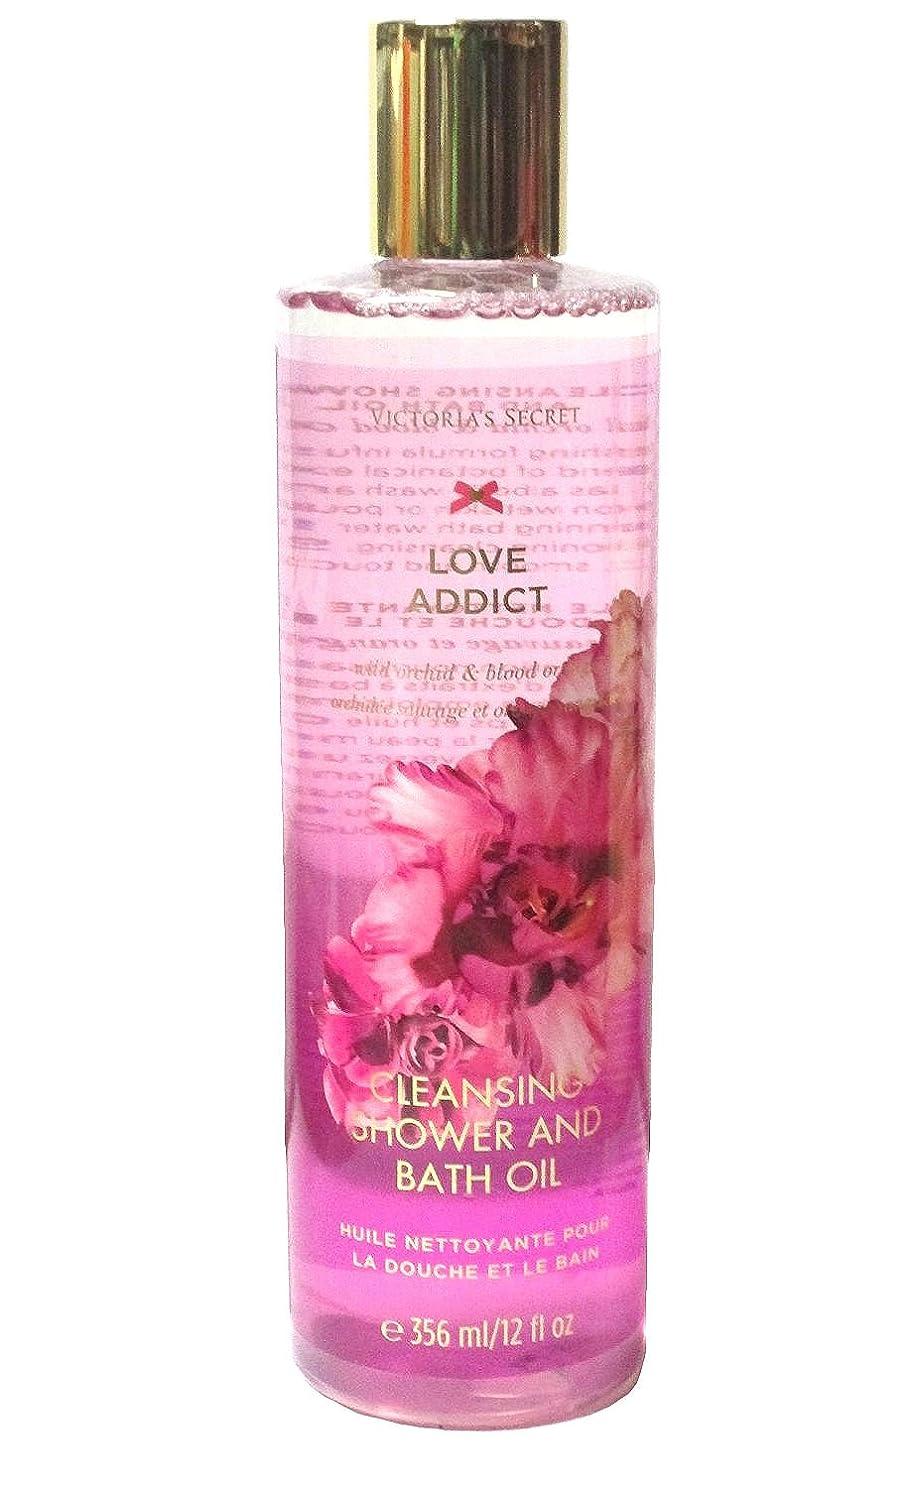 セッティング福祉監査Victoria's Secret Love Addict Cleansing Shower and Bath Oil by Victoria's Secret [並行輸入品]